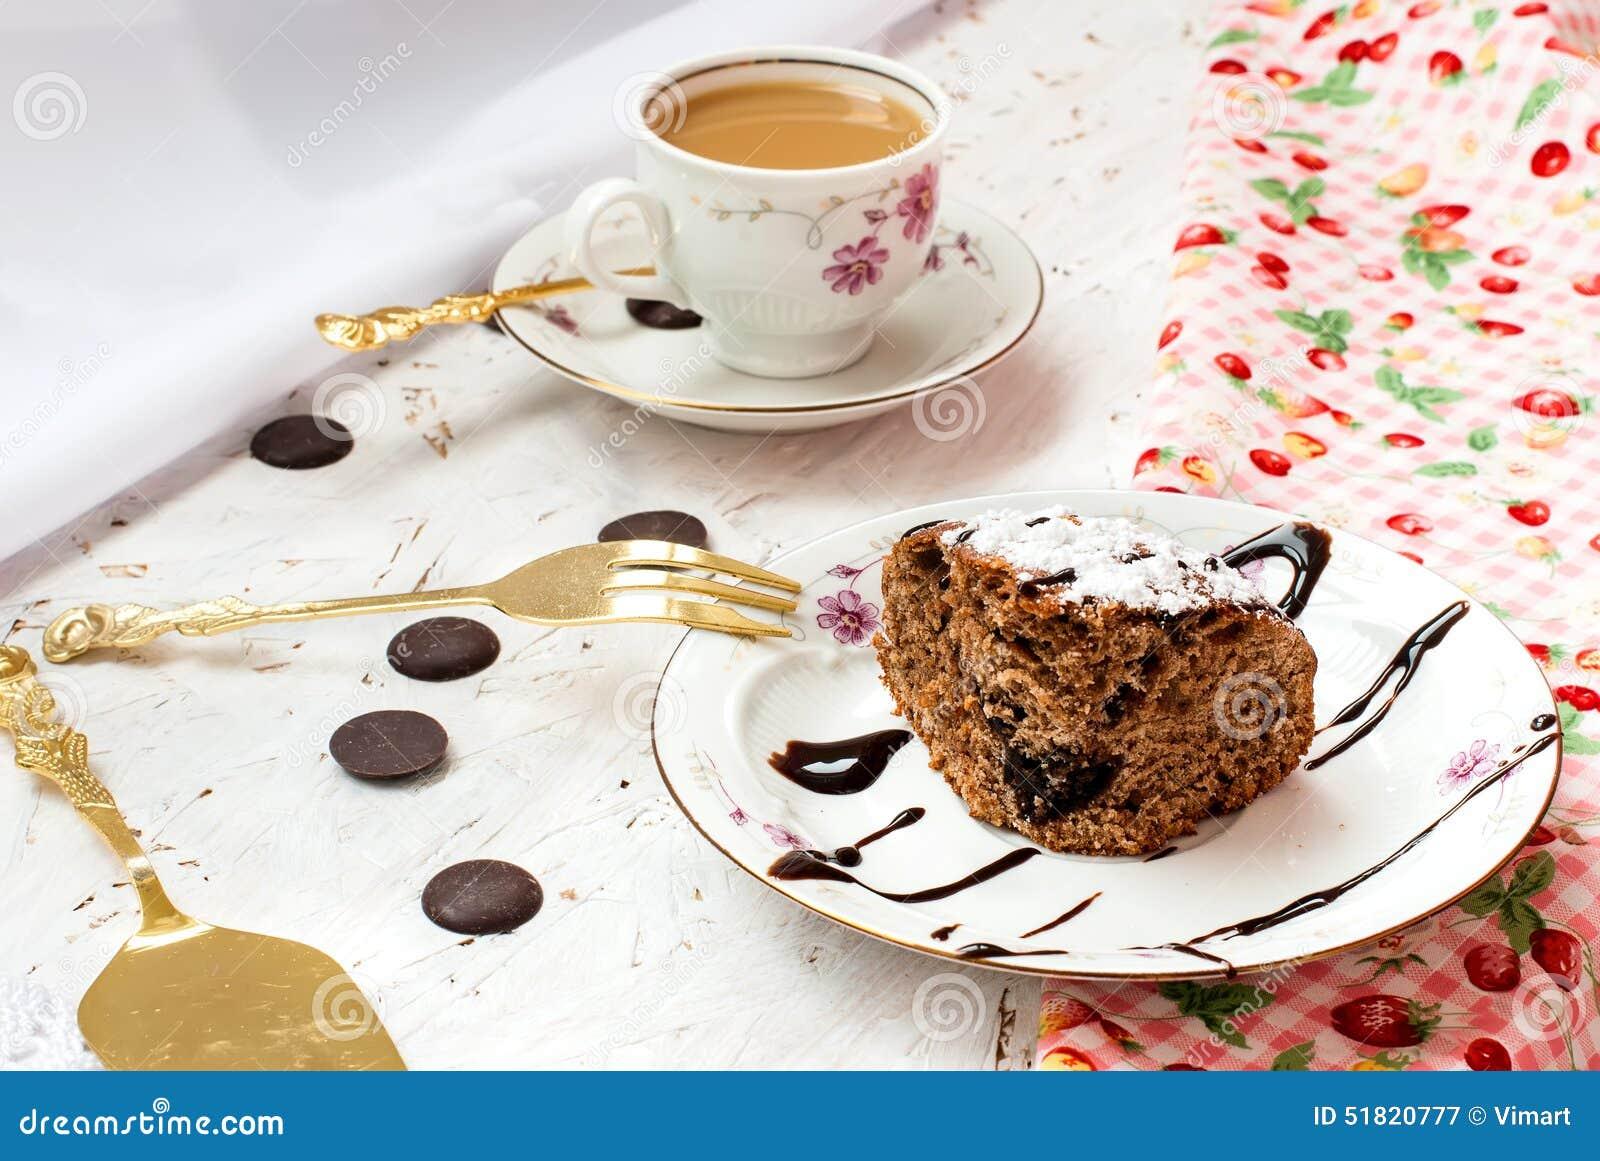 Morceau de g teau de chocolat et d 39 une tasse de caf avec - Gateau avec du lait et des oeufs ...